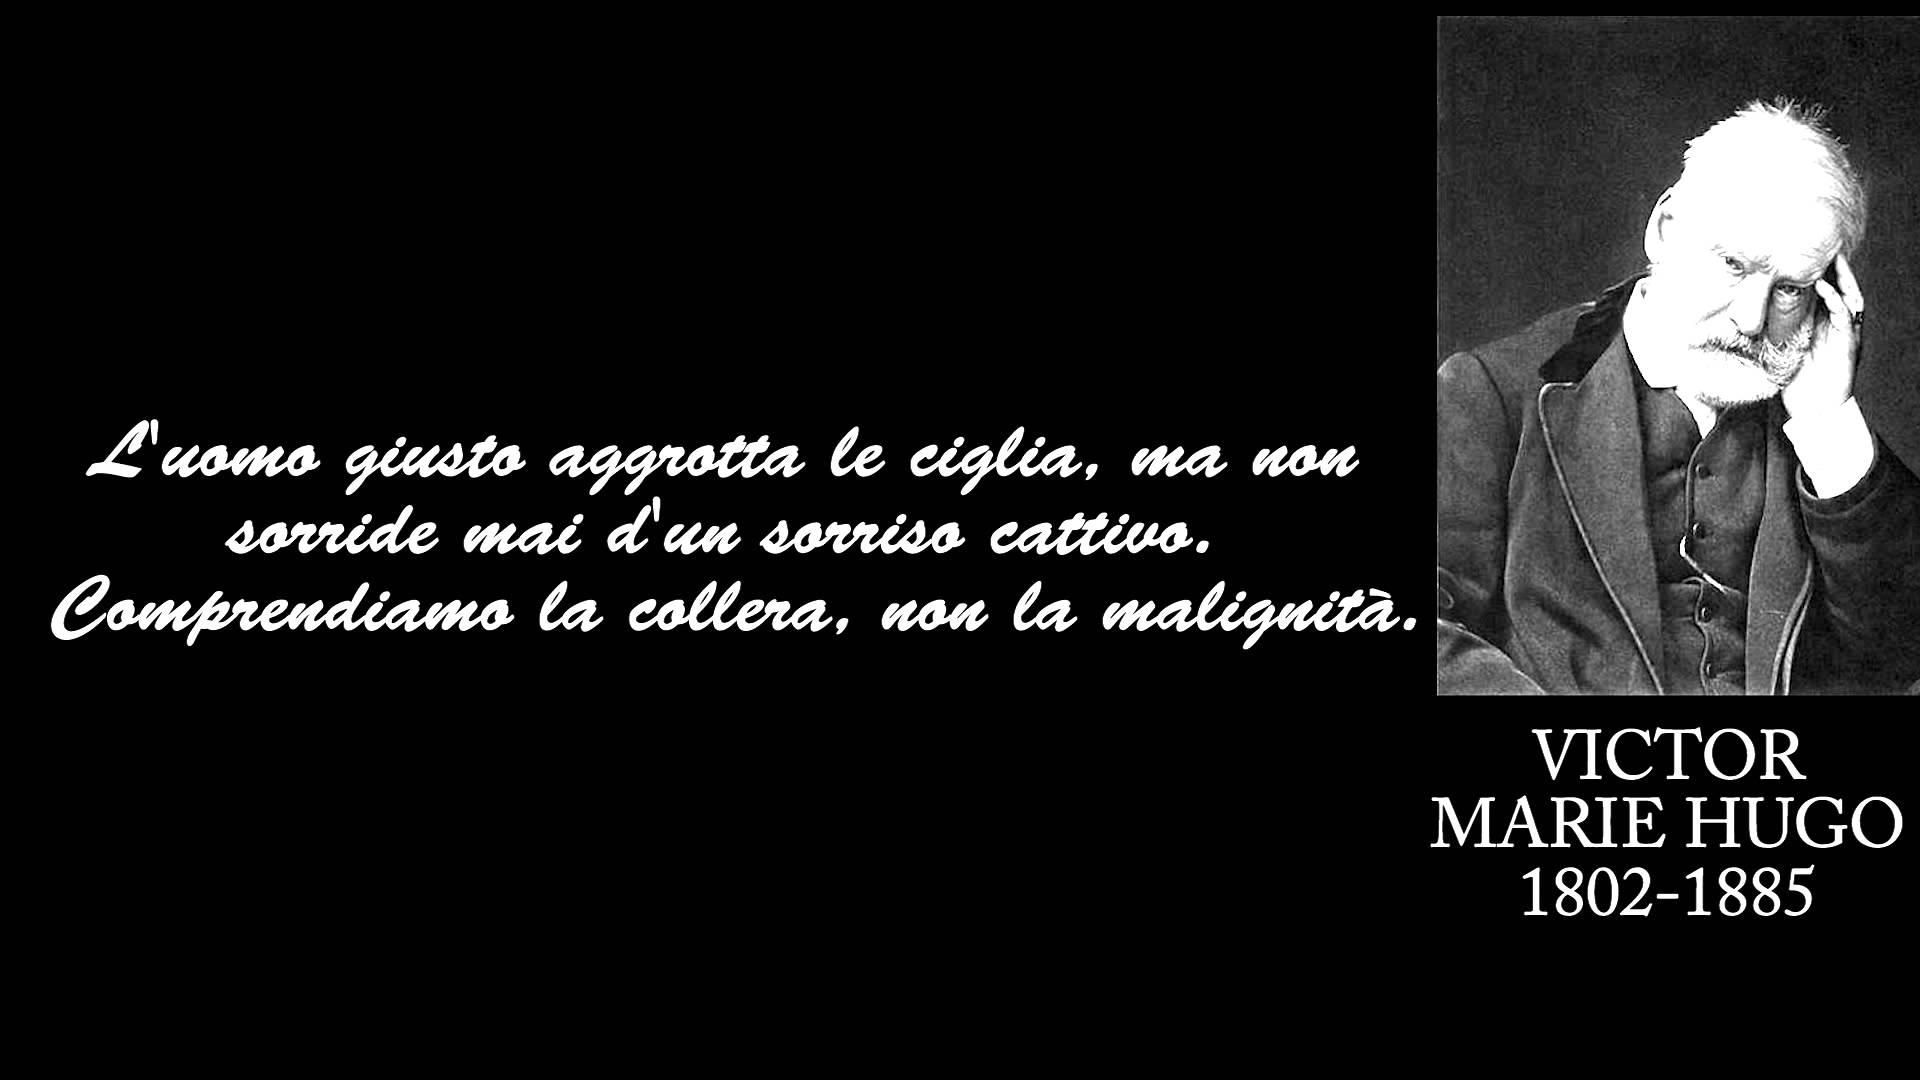 Victor Hugo Biografia Stile Pensiero E Citazioni